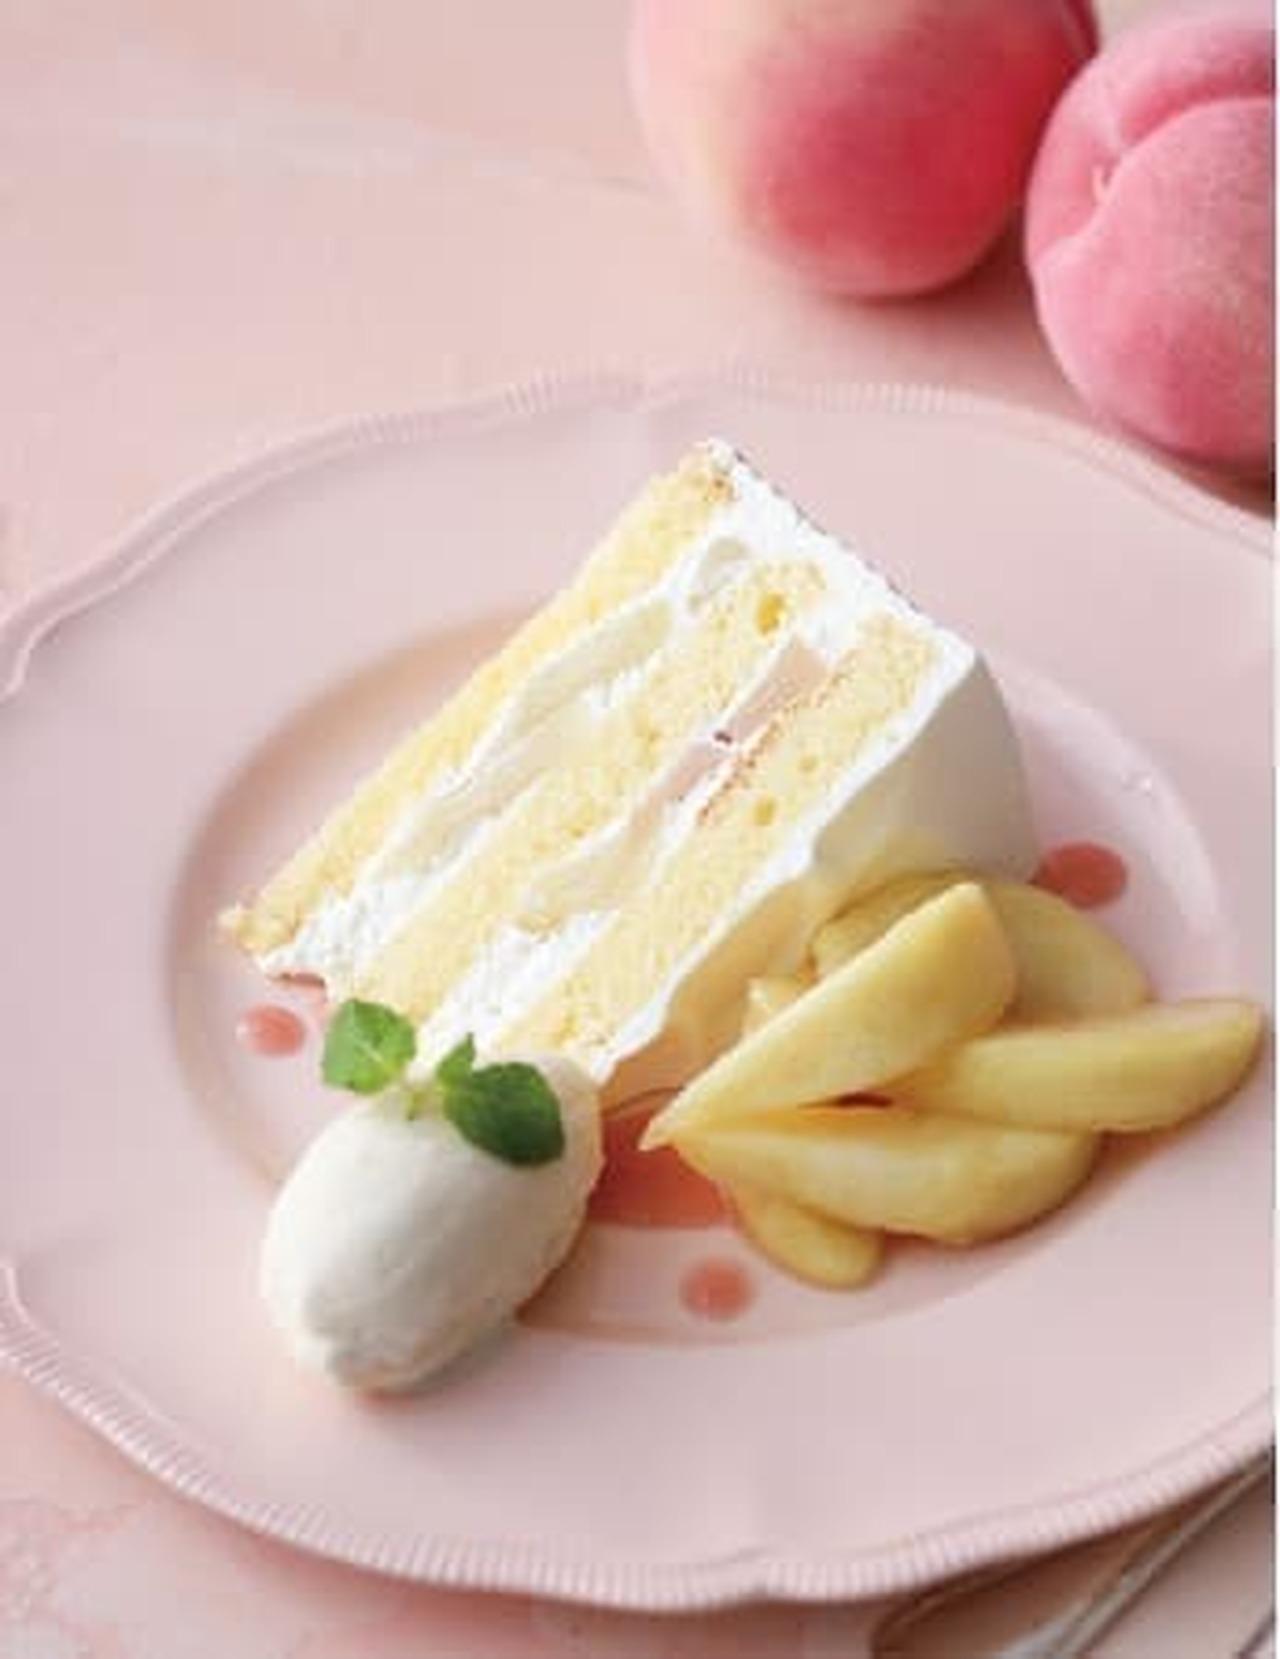 キハチ カフェ「白桃のショートケーキ バニラアイス添え」